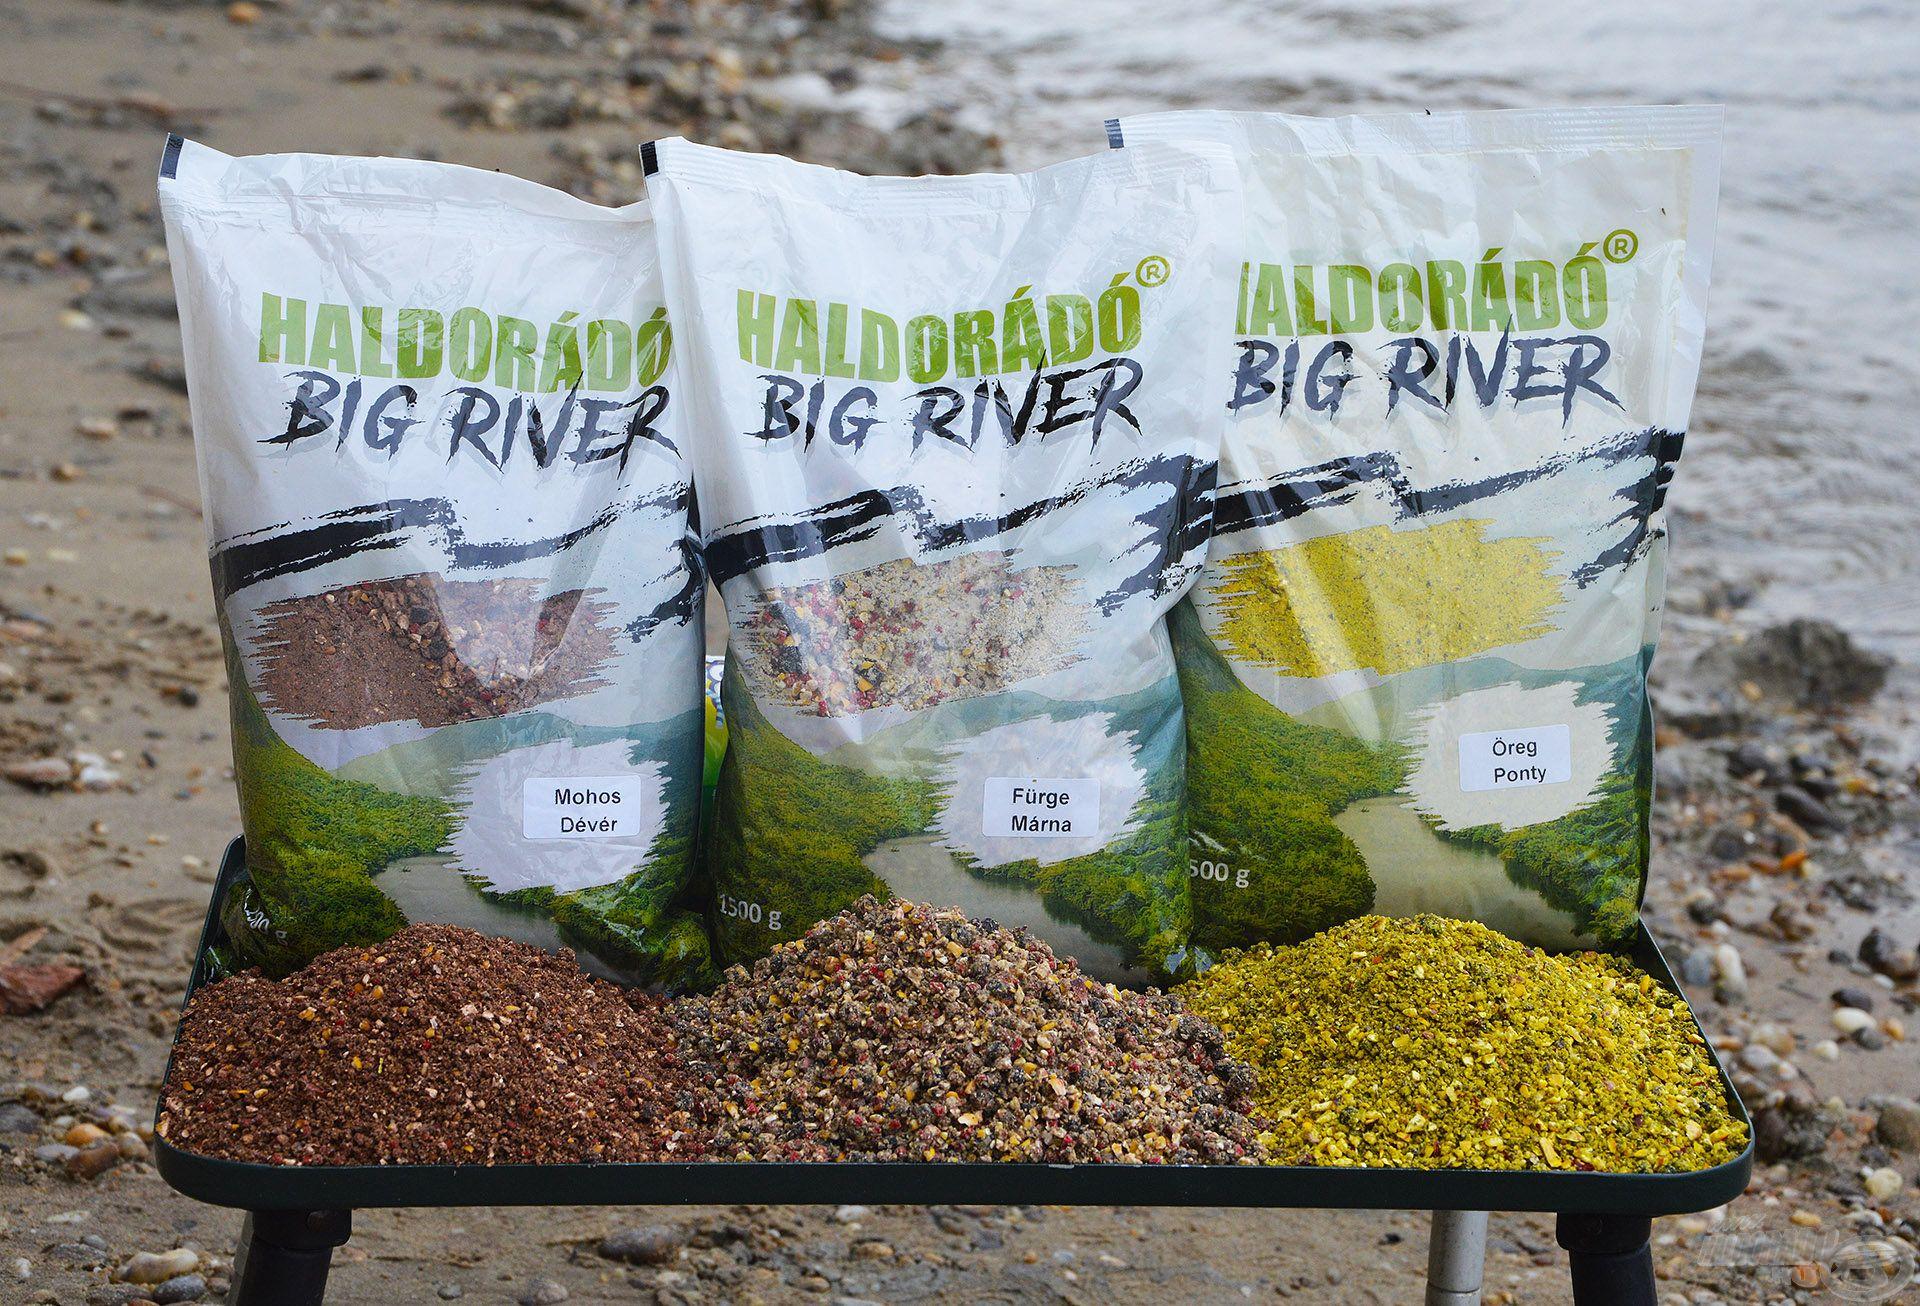 Az összes Big River etetőanyag tartalmaz elliptikus pelletet, amely formájának és fajsúlyának köszönhetően garantáltan a kosár közelében marad